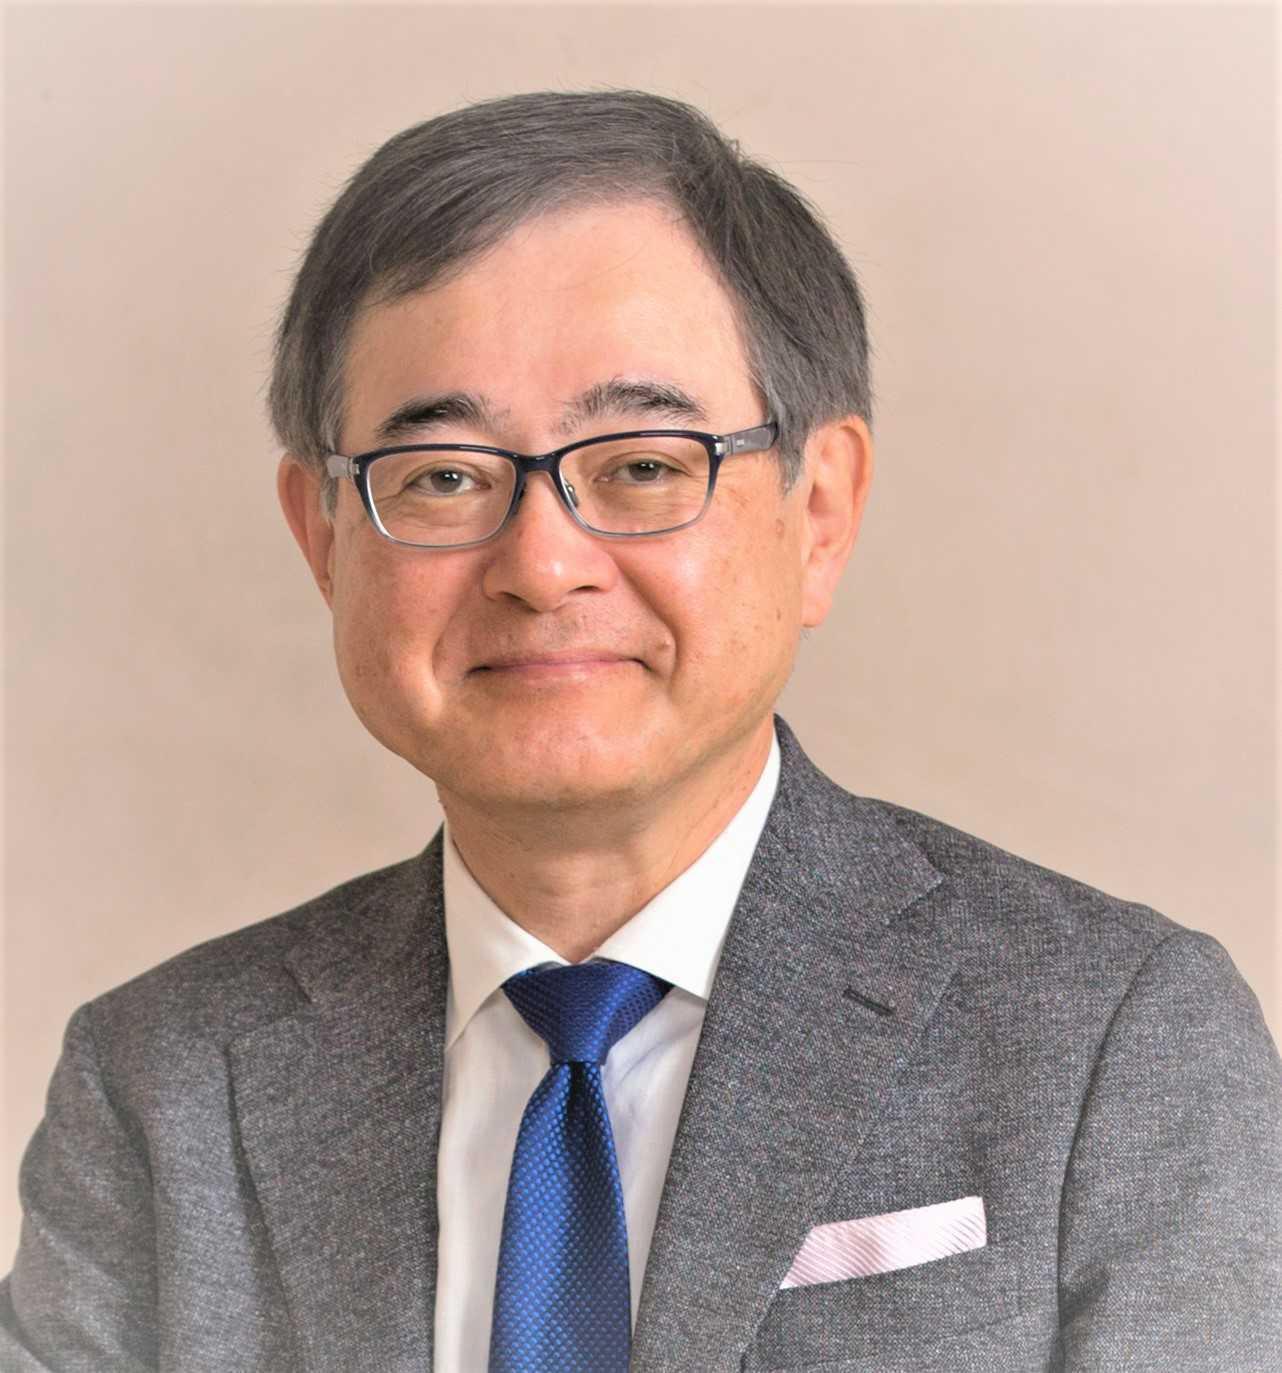 【速報】新総長、宝金氏に 選考会議決定、学内投票でもトップ —北大総長選2020